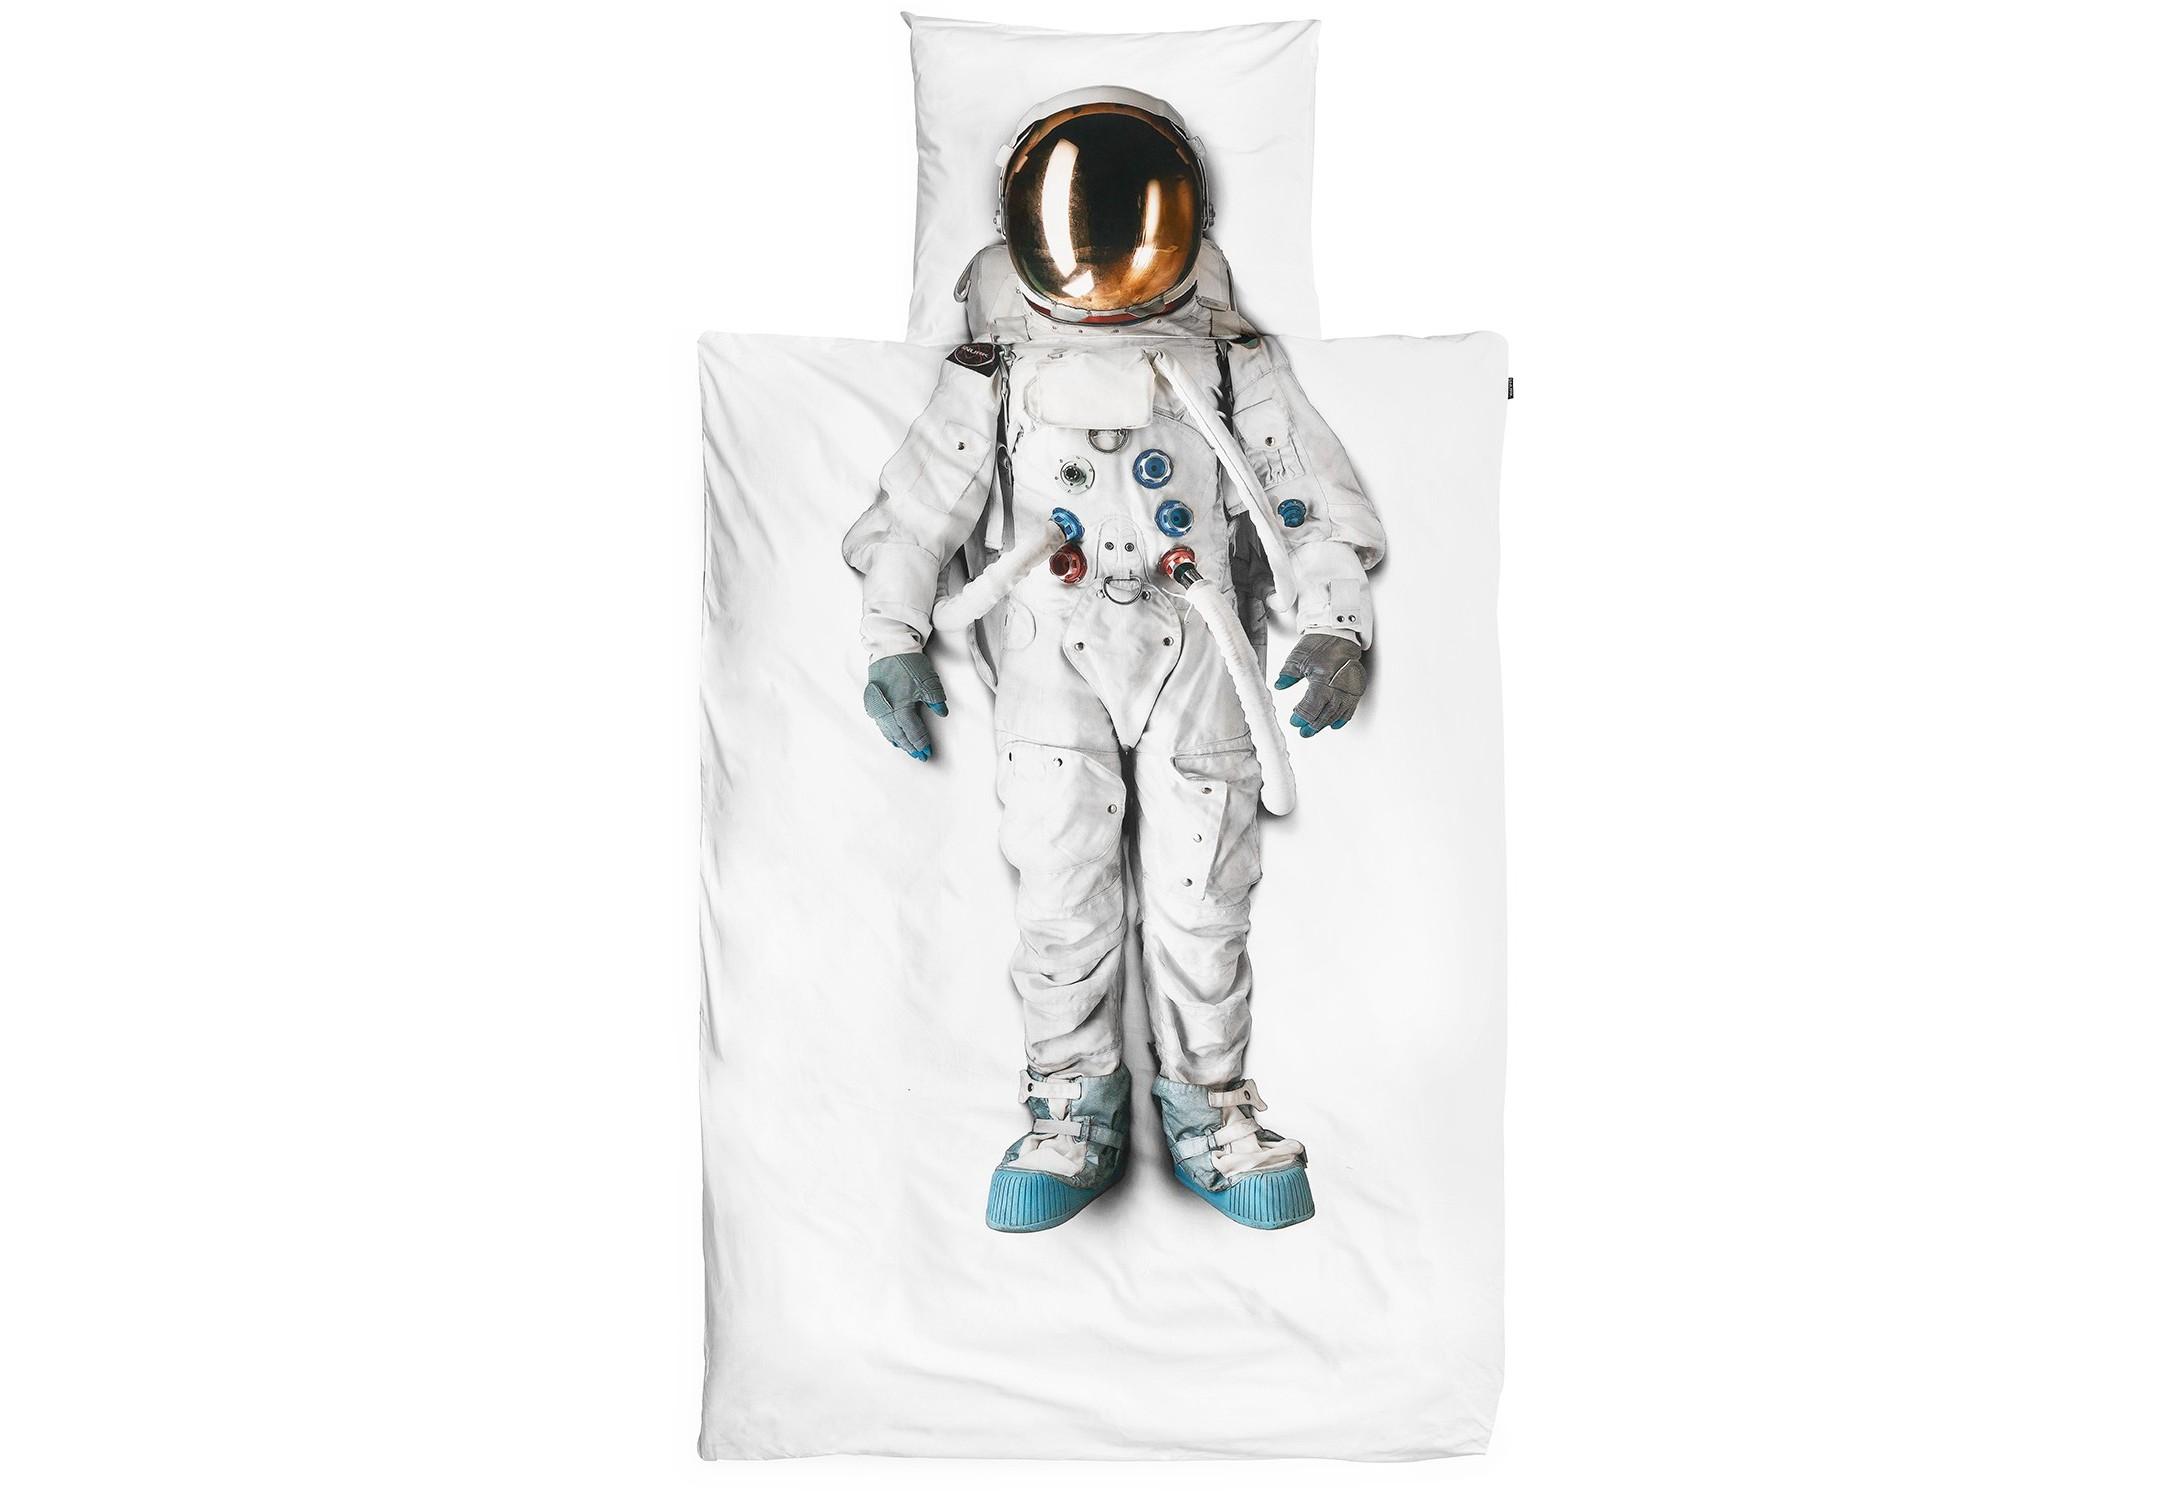 Комплект постельного белья АстронавтПолутороспальные комлпекты постельного белья<br>С таким постельным бельем вы каждый раз будете засыпать в другой галактике и видеть сны про далекие вселенные. Потому что скафандр на нем настоящий. Он не из магазина маскарадных костюмов за углом, а из музея космонавтики в Голландии. Поэтому ложитесь, закрывайте глаза и чувствуйте, как убывает гравитация. Поехали!&amp;amp;nbsp;&amp;lt;div&amp;gt;&amp;lt;br&amp;gt;&amp;lt;/div&amp;gt;&amp;lt;div&amp;gt;Материал: 100% хлопок ПЕРКАЛЬ (плотность ткани 214г/м2).&amp;amp;nbsp;&amp;lt;/div&amp;gt;&amp;lt;div&amp;gt;В комплект входит: пододеяльник 150х200 см - 1 шт, наволочка 50х70 см - 1 шт.&amp;lt;/div&amp;gt;<br><br>Material: Хлопок<br>Length см: 200<br>Width см: 150